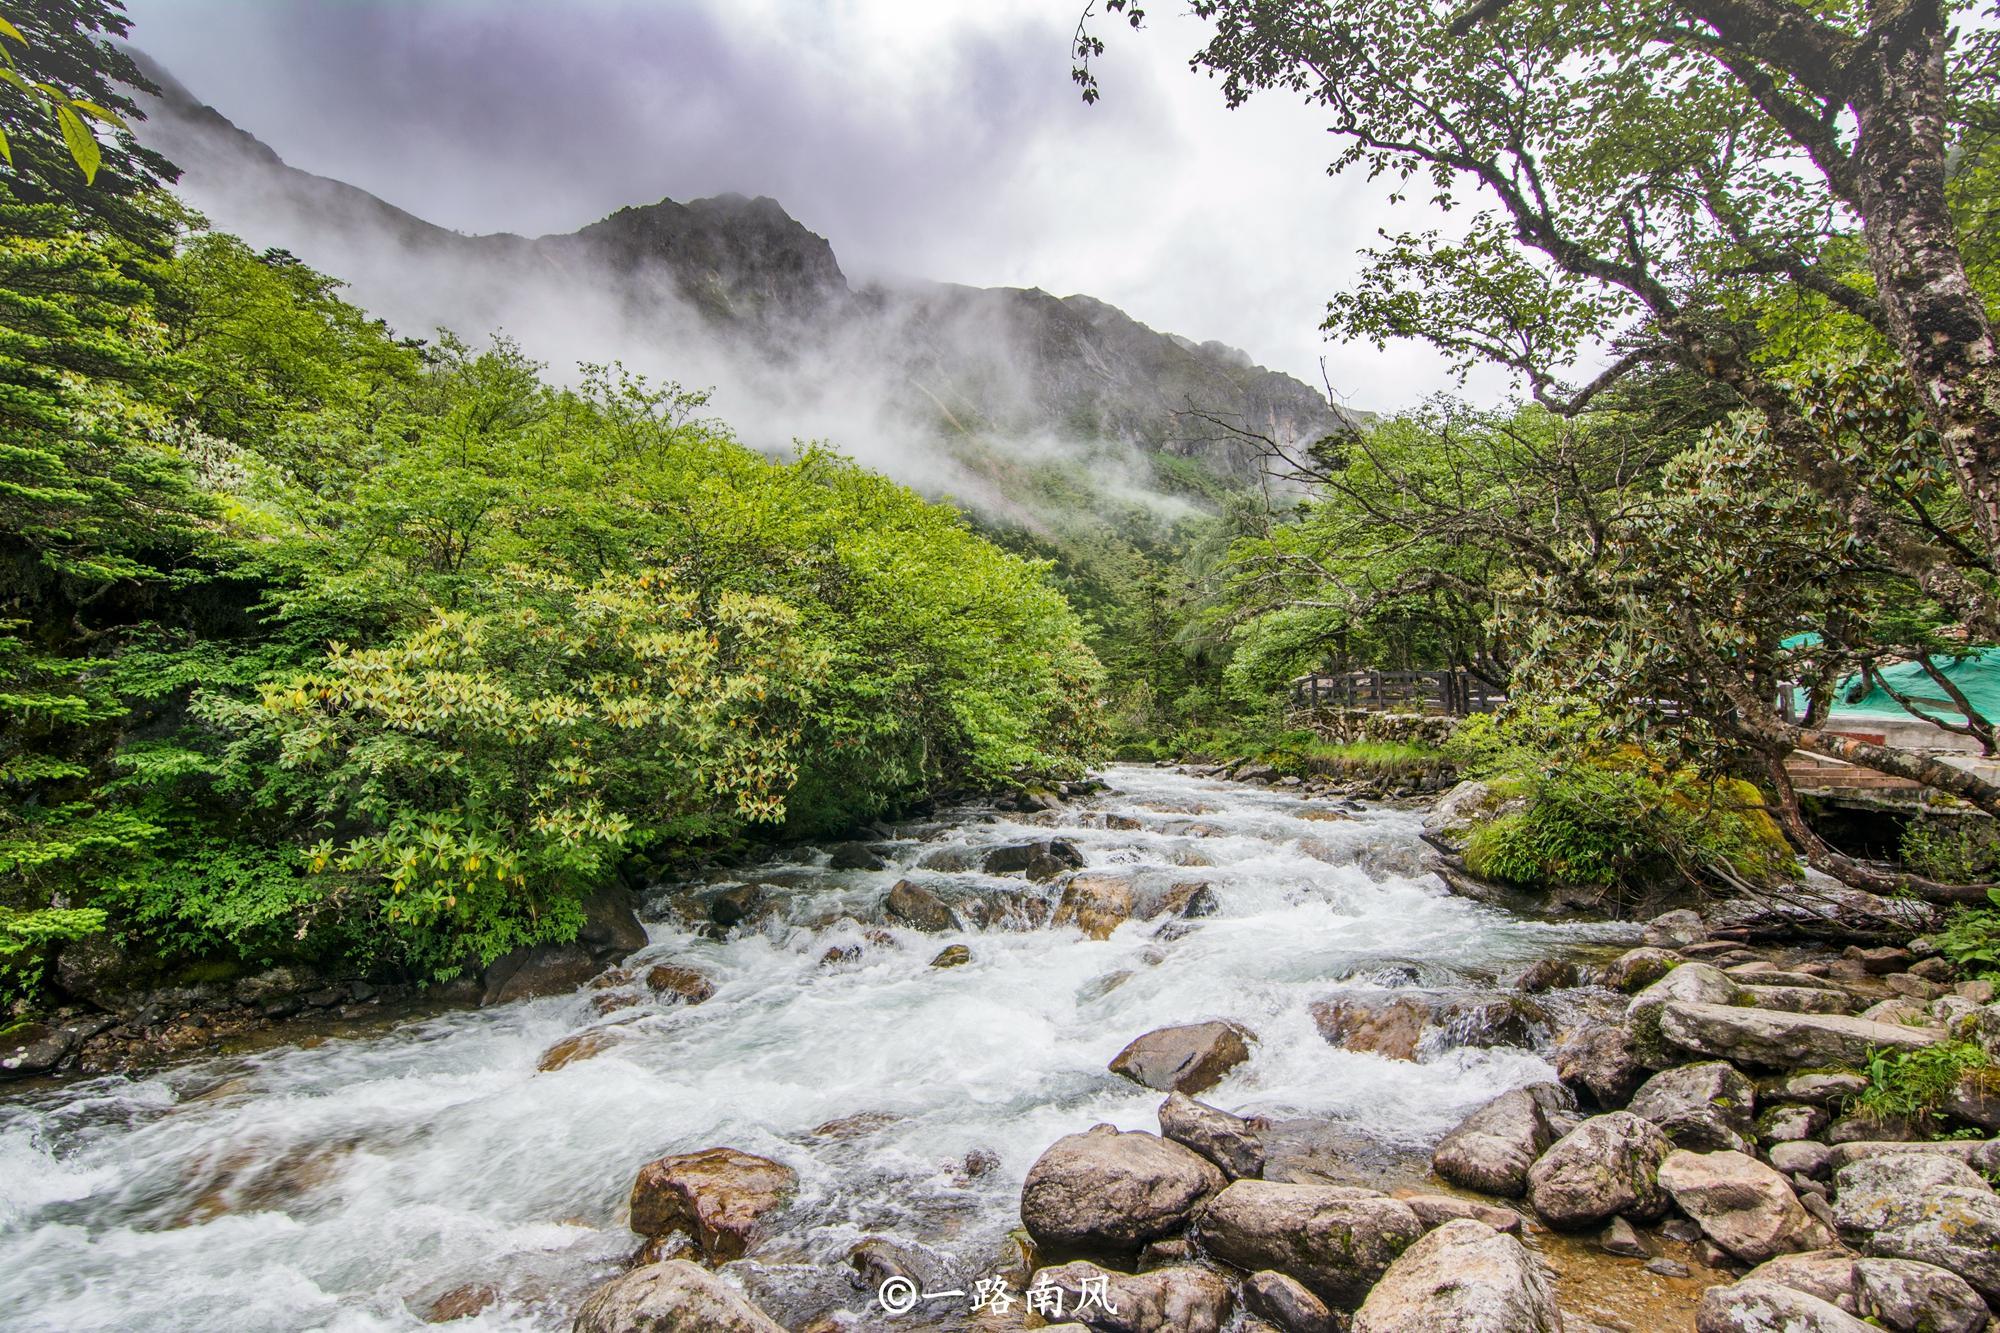 四川这个地方美呆了,云雾升腾似仙境,青山绿水就是金山银山!